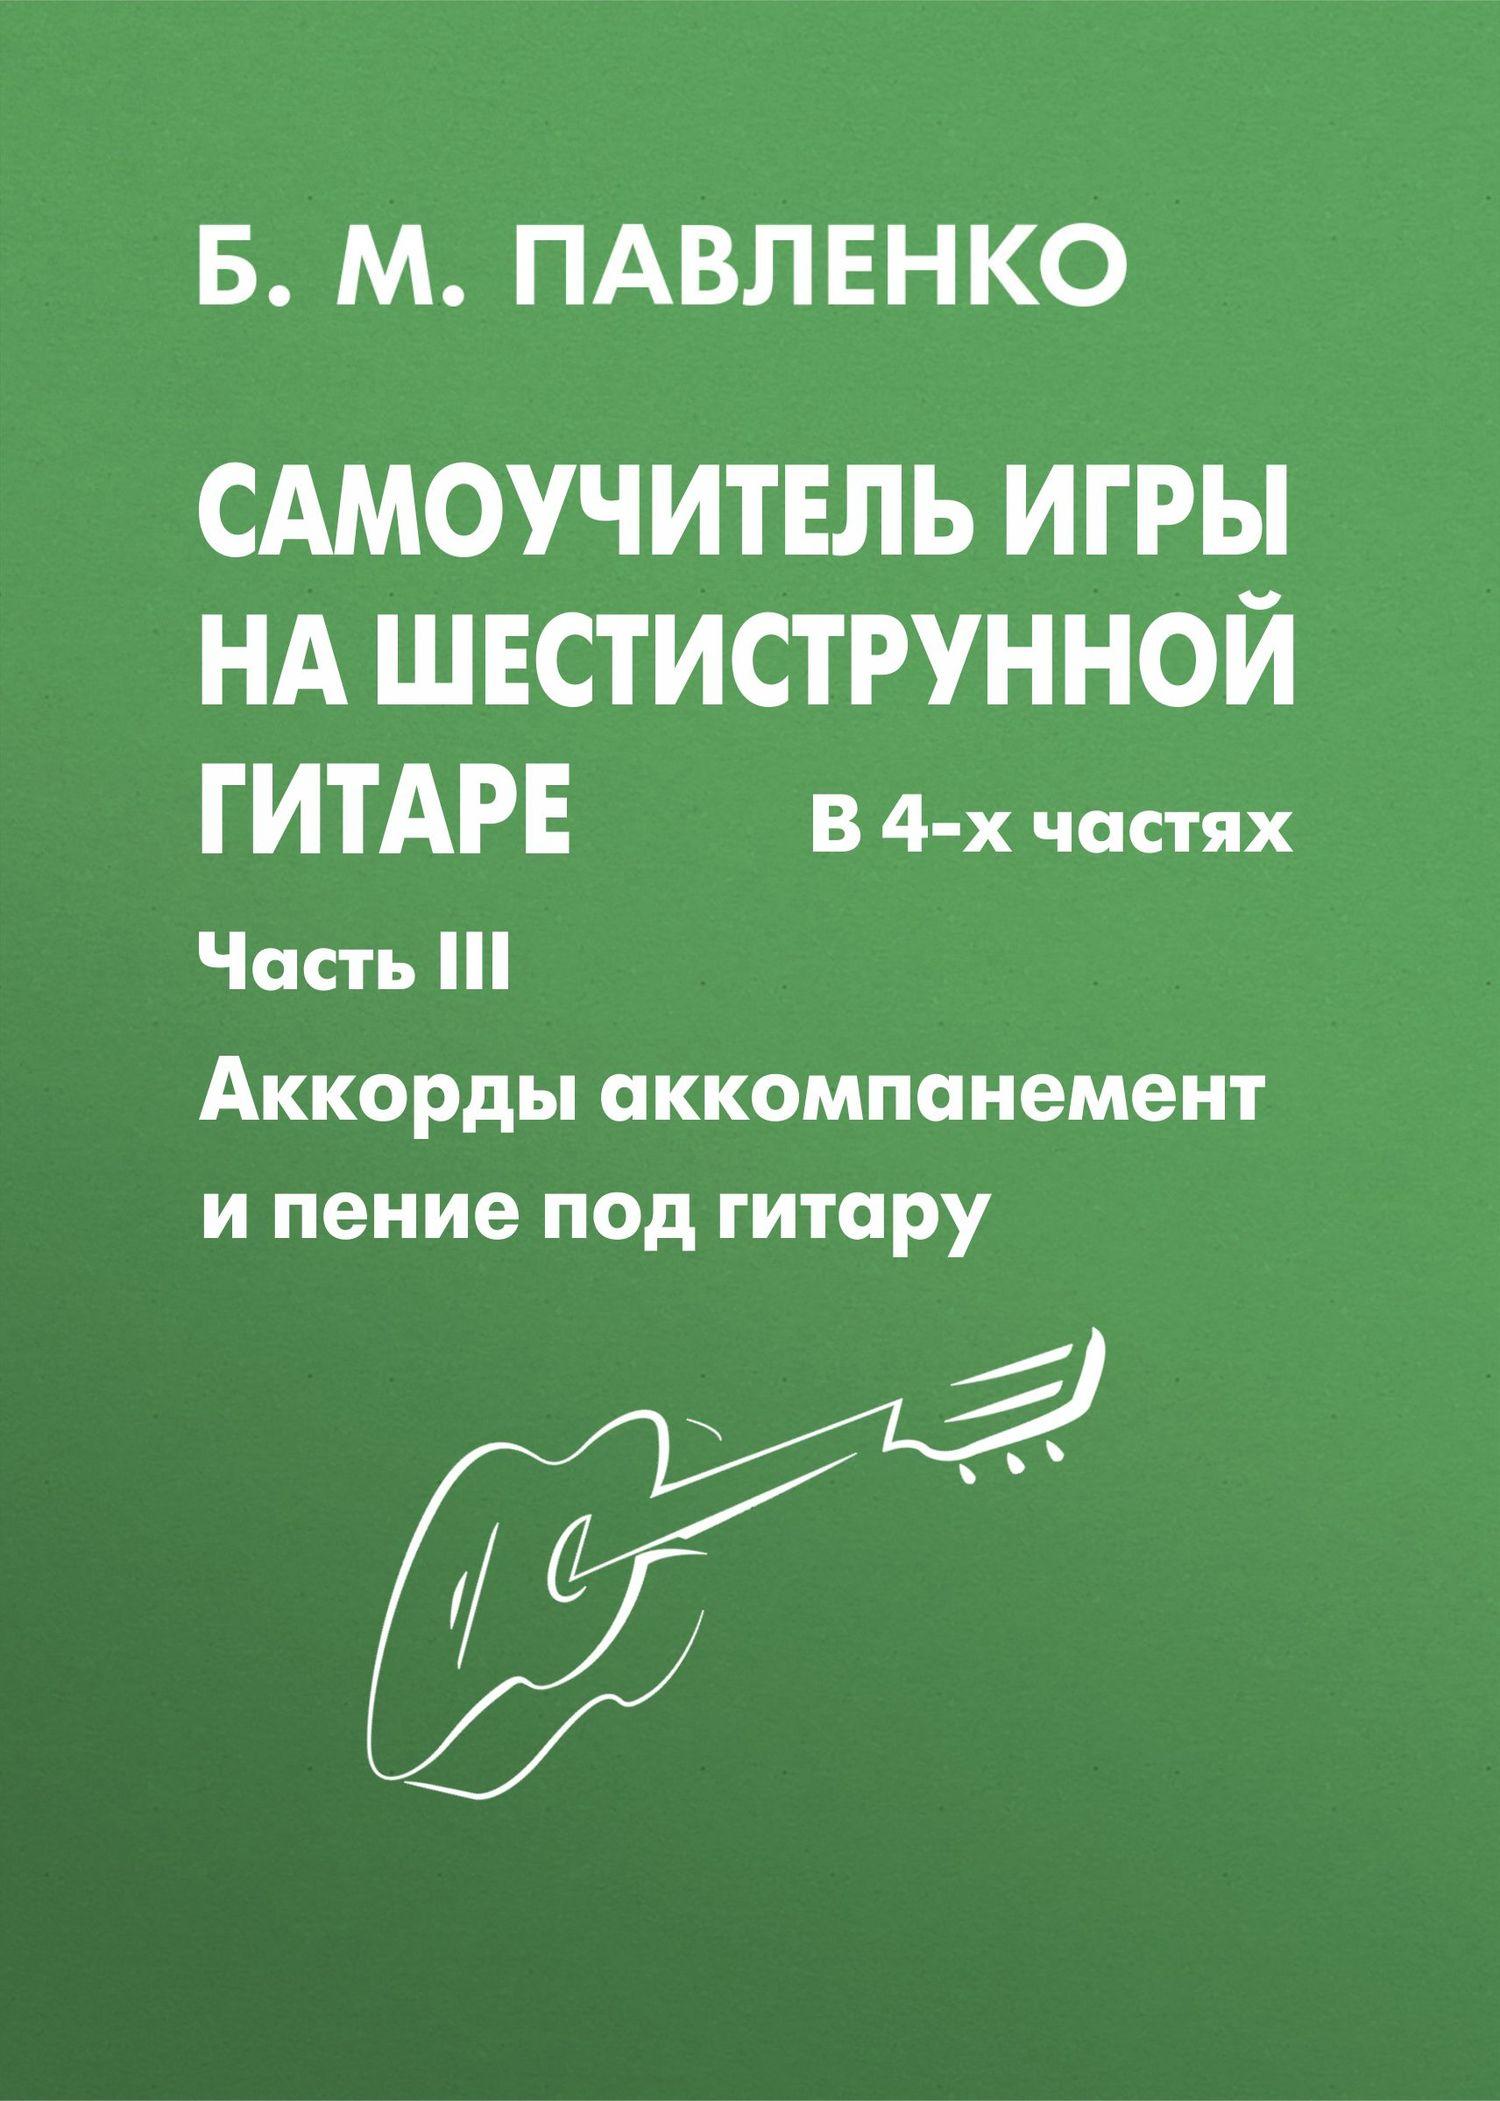 Б. М. Павленко Самоучитель игры на шестиструнной гитаре. Аккорды, аккомпанемент и пение под гитару. III часть гитара аккорды схемы обозначения